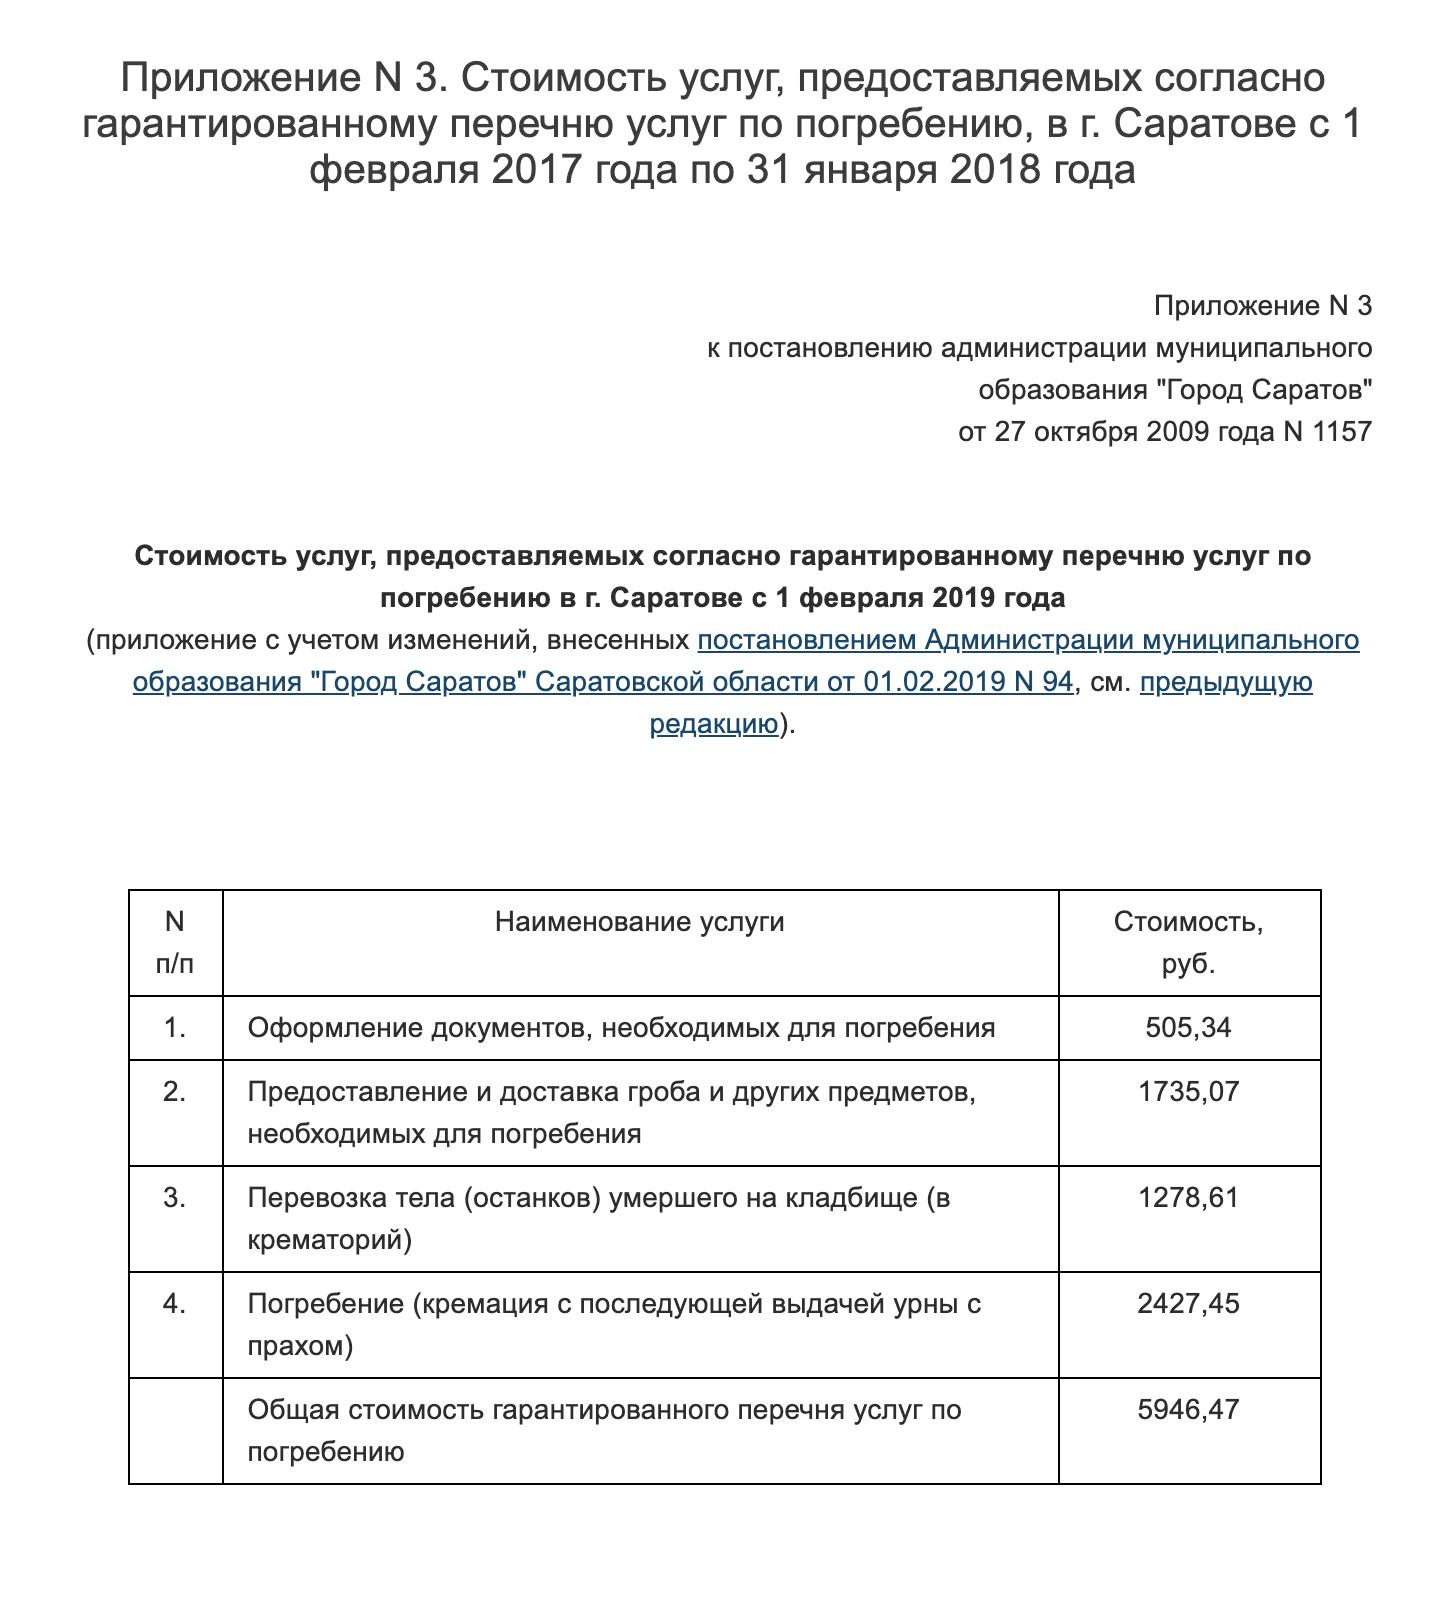 В Саратове, где я живу, стоимость гарантированного перечня на 2019год — 5946рублей, а сам перечень тоже краткий